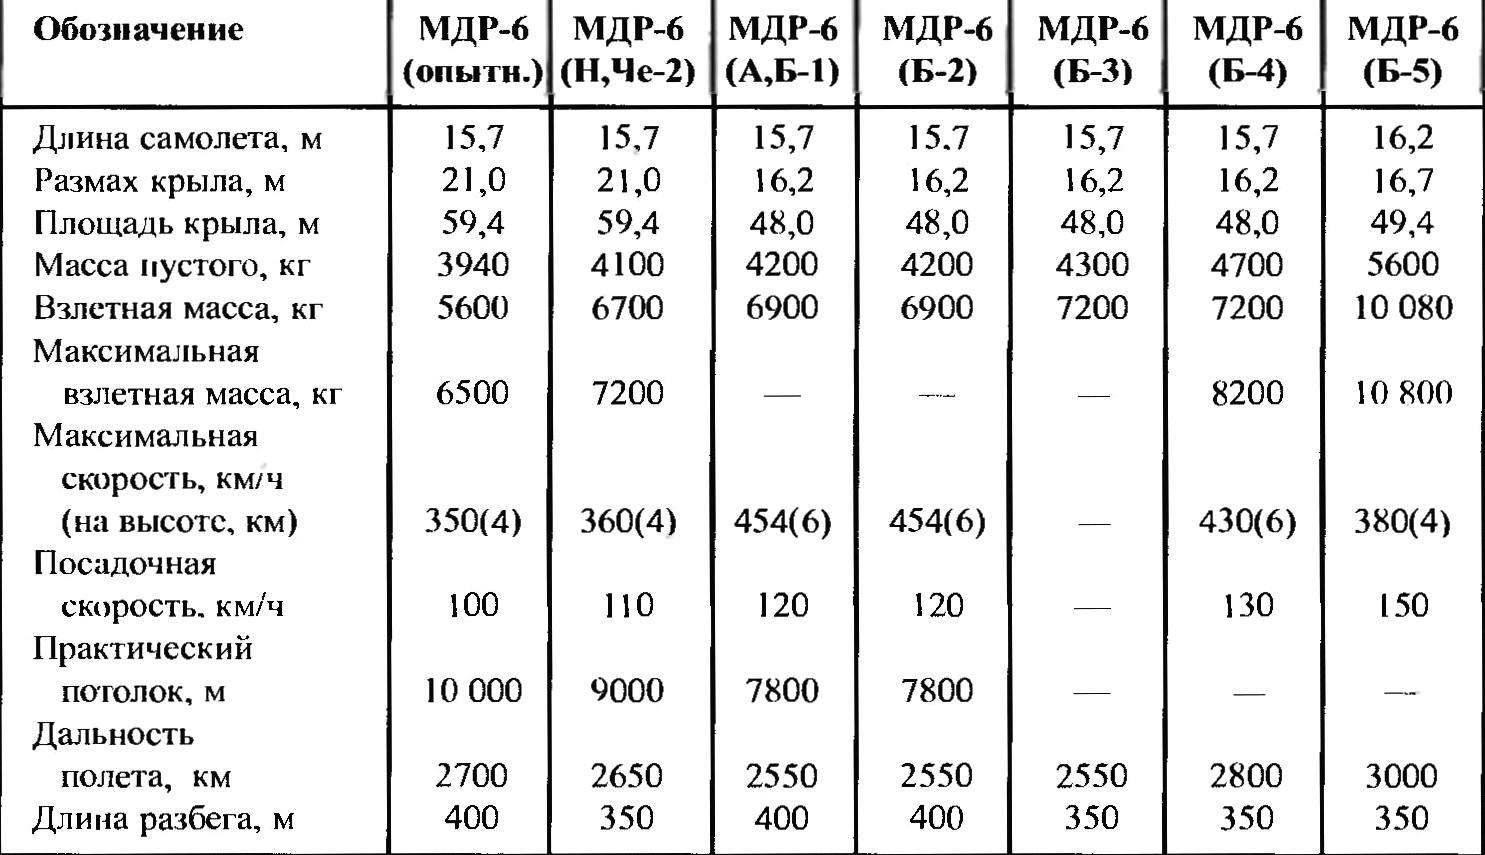 Тактико-технические характеристики гидросамолетов МДР-6